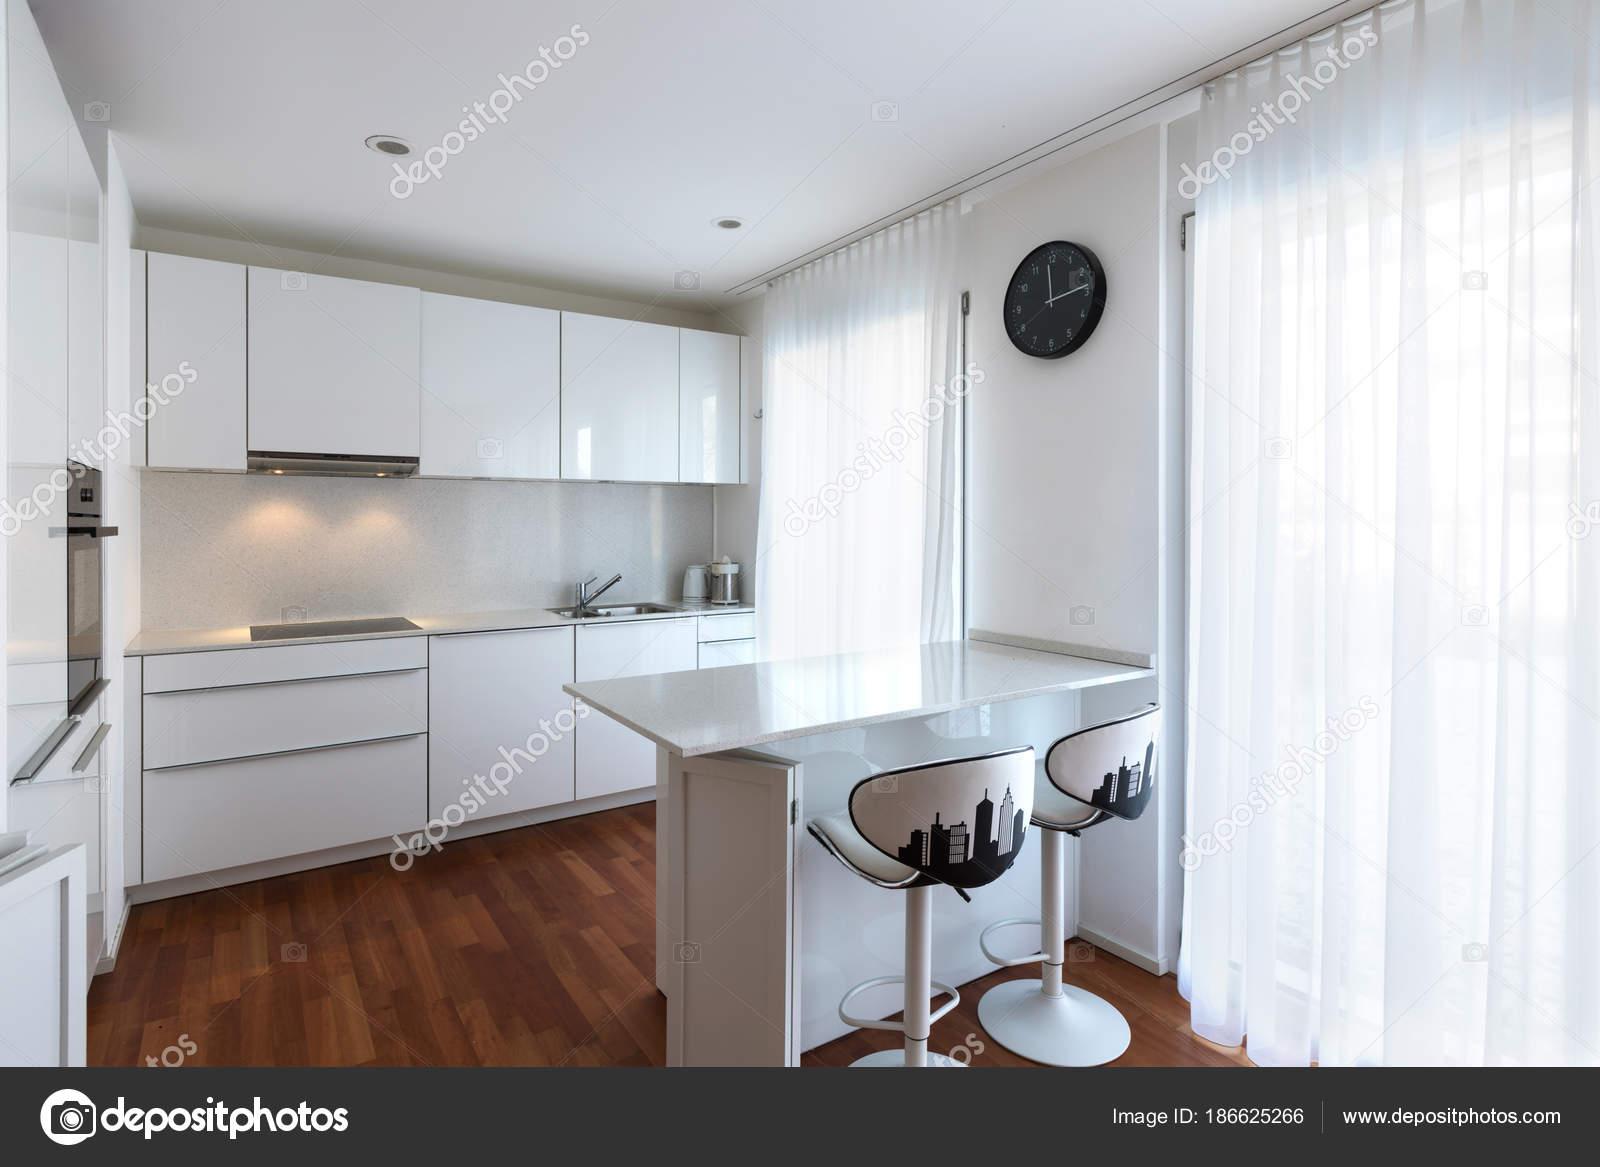 Keuken Houten Schiereiland : Keuken met schiereiland beautiful schiereiland kleine keuken